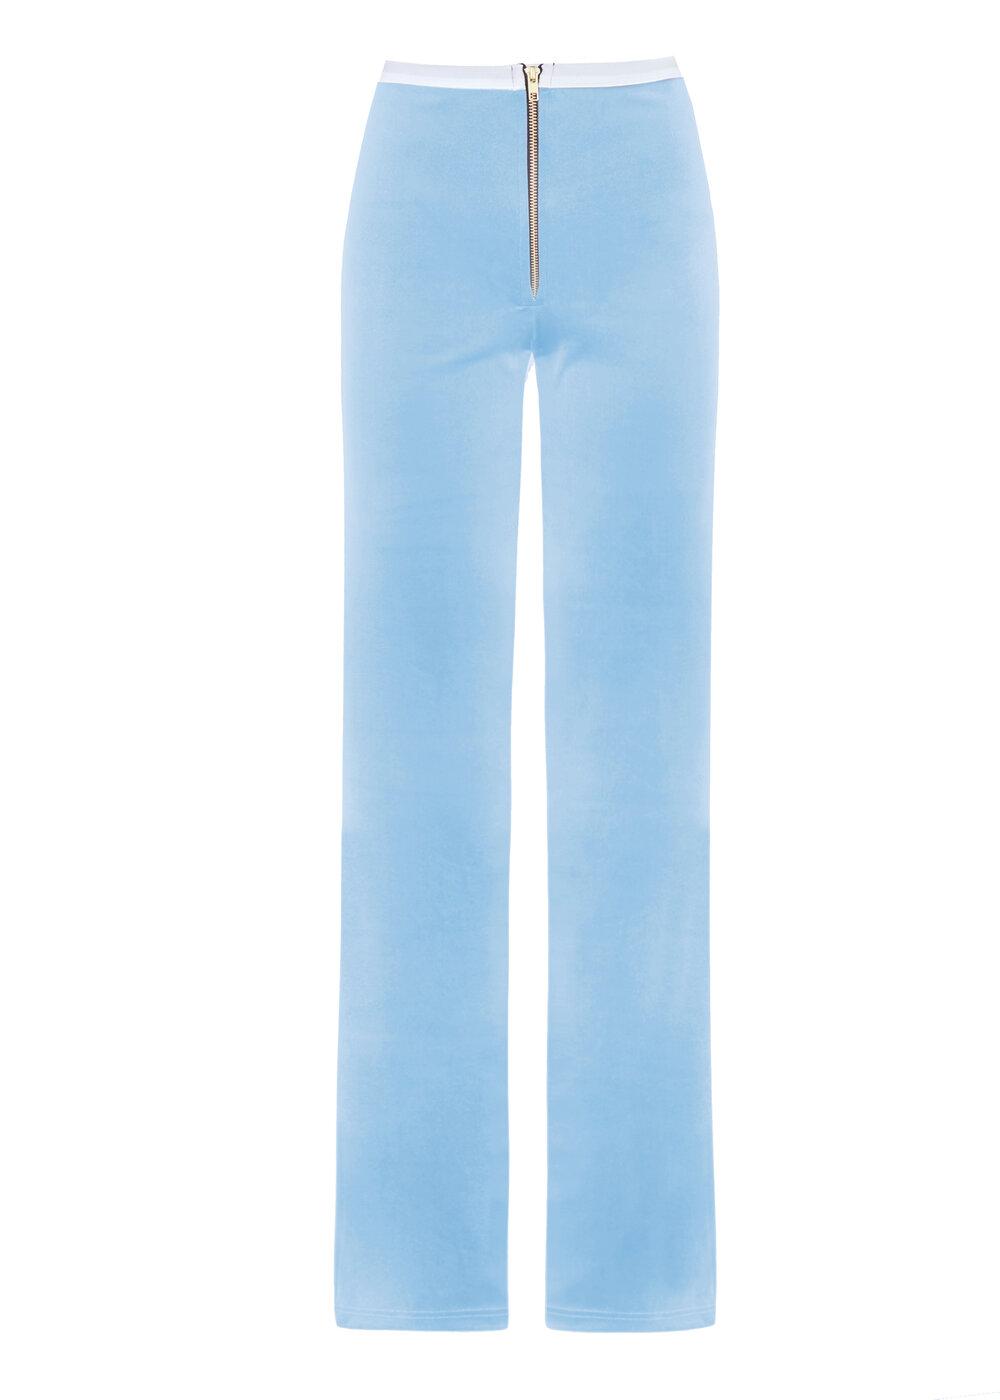 PEACHY+DEN+blue+PANTS+